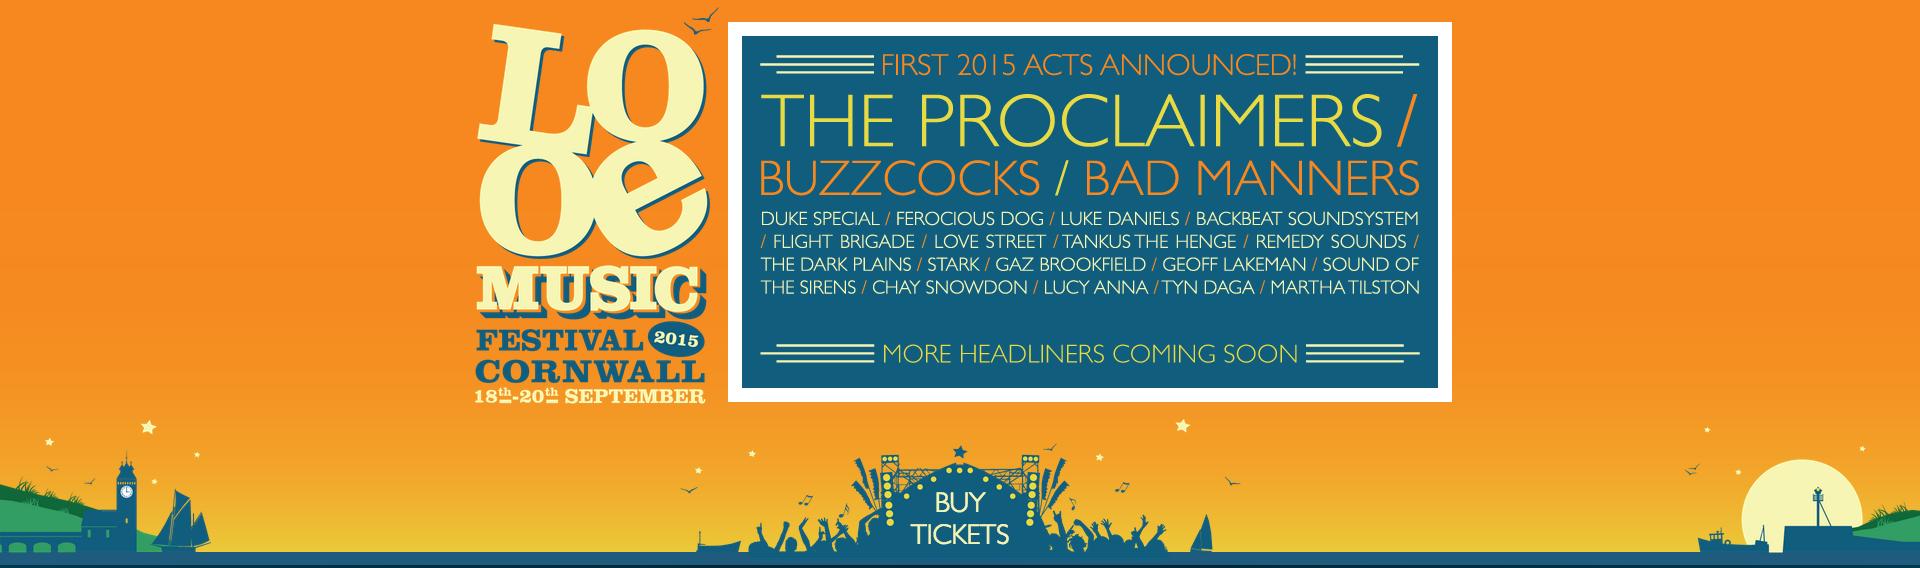 Looe Music Festival 2012-2015